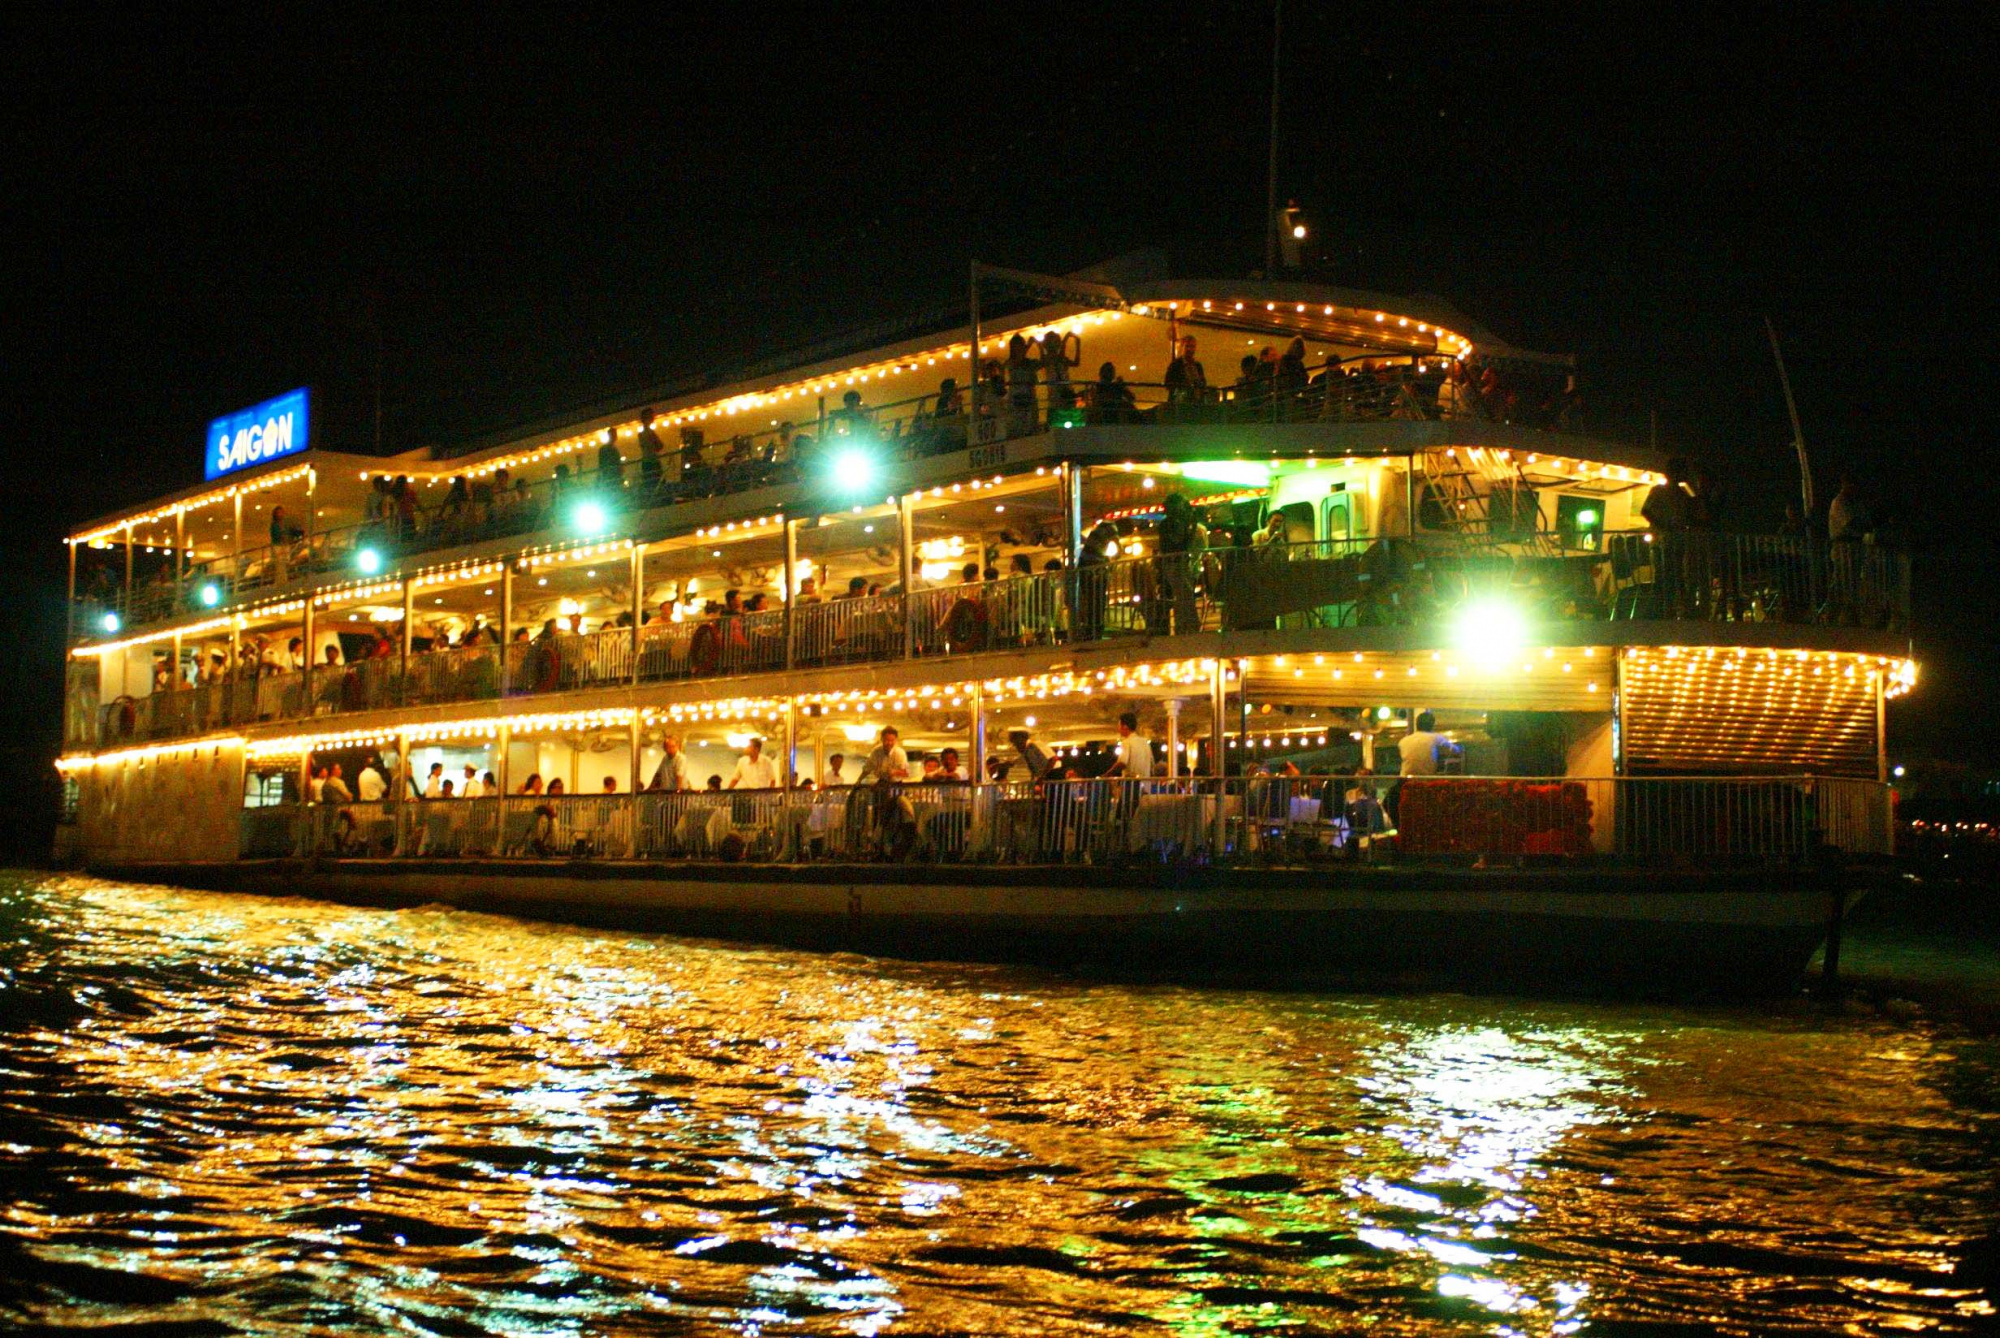 人気ナイトツアーの組み合わせ!水上人形劇観賞&サイゴン川ディナークルーズ(※夕食の際は他のお客様とご一緒に食事する可能性がございます。)